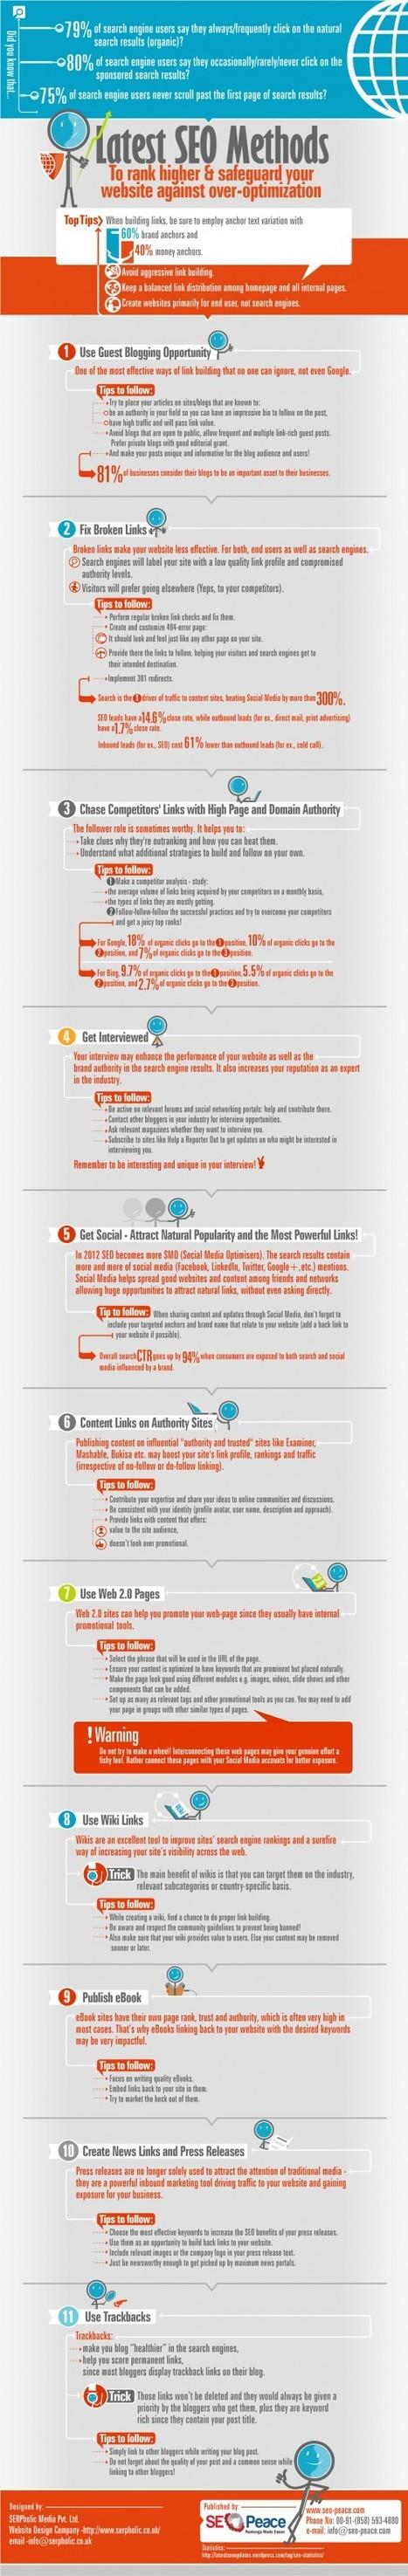 [Infographie] Mieux référencer sans tomber dans la sur-optimisation - Websourcing.fr | Quand la communication passe au web | Scoop.it